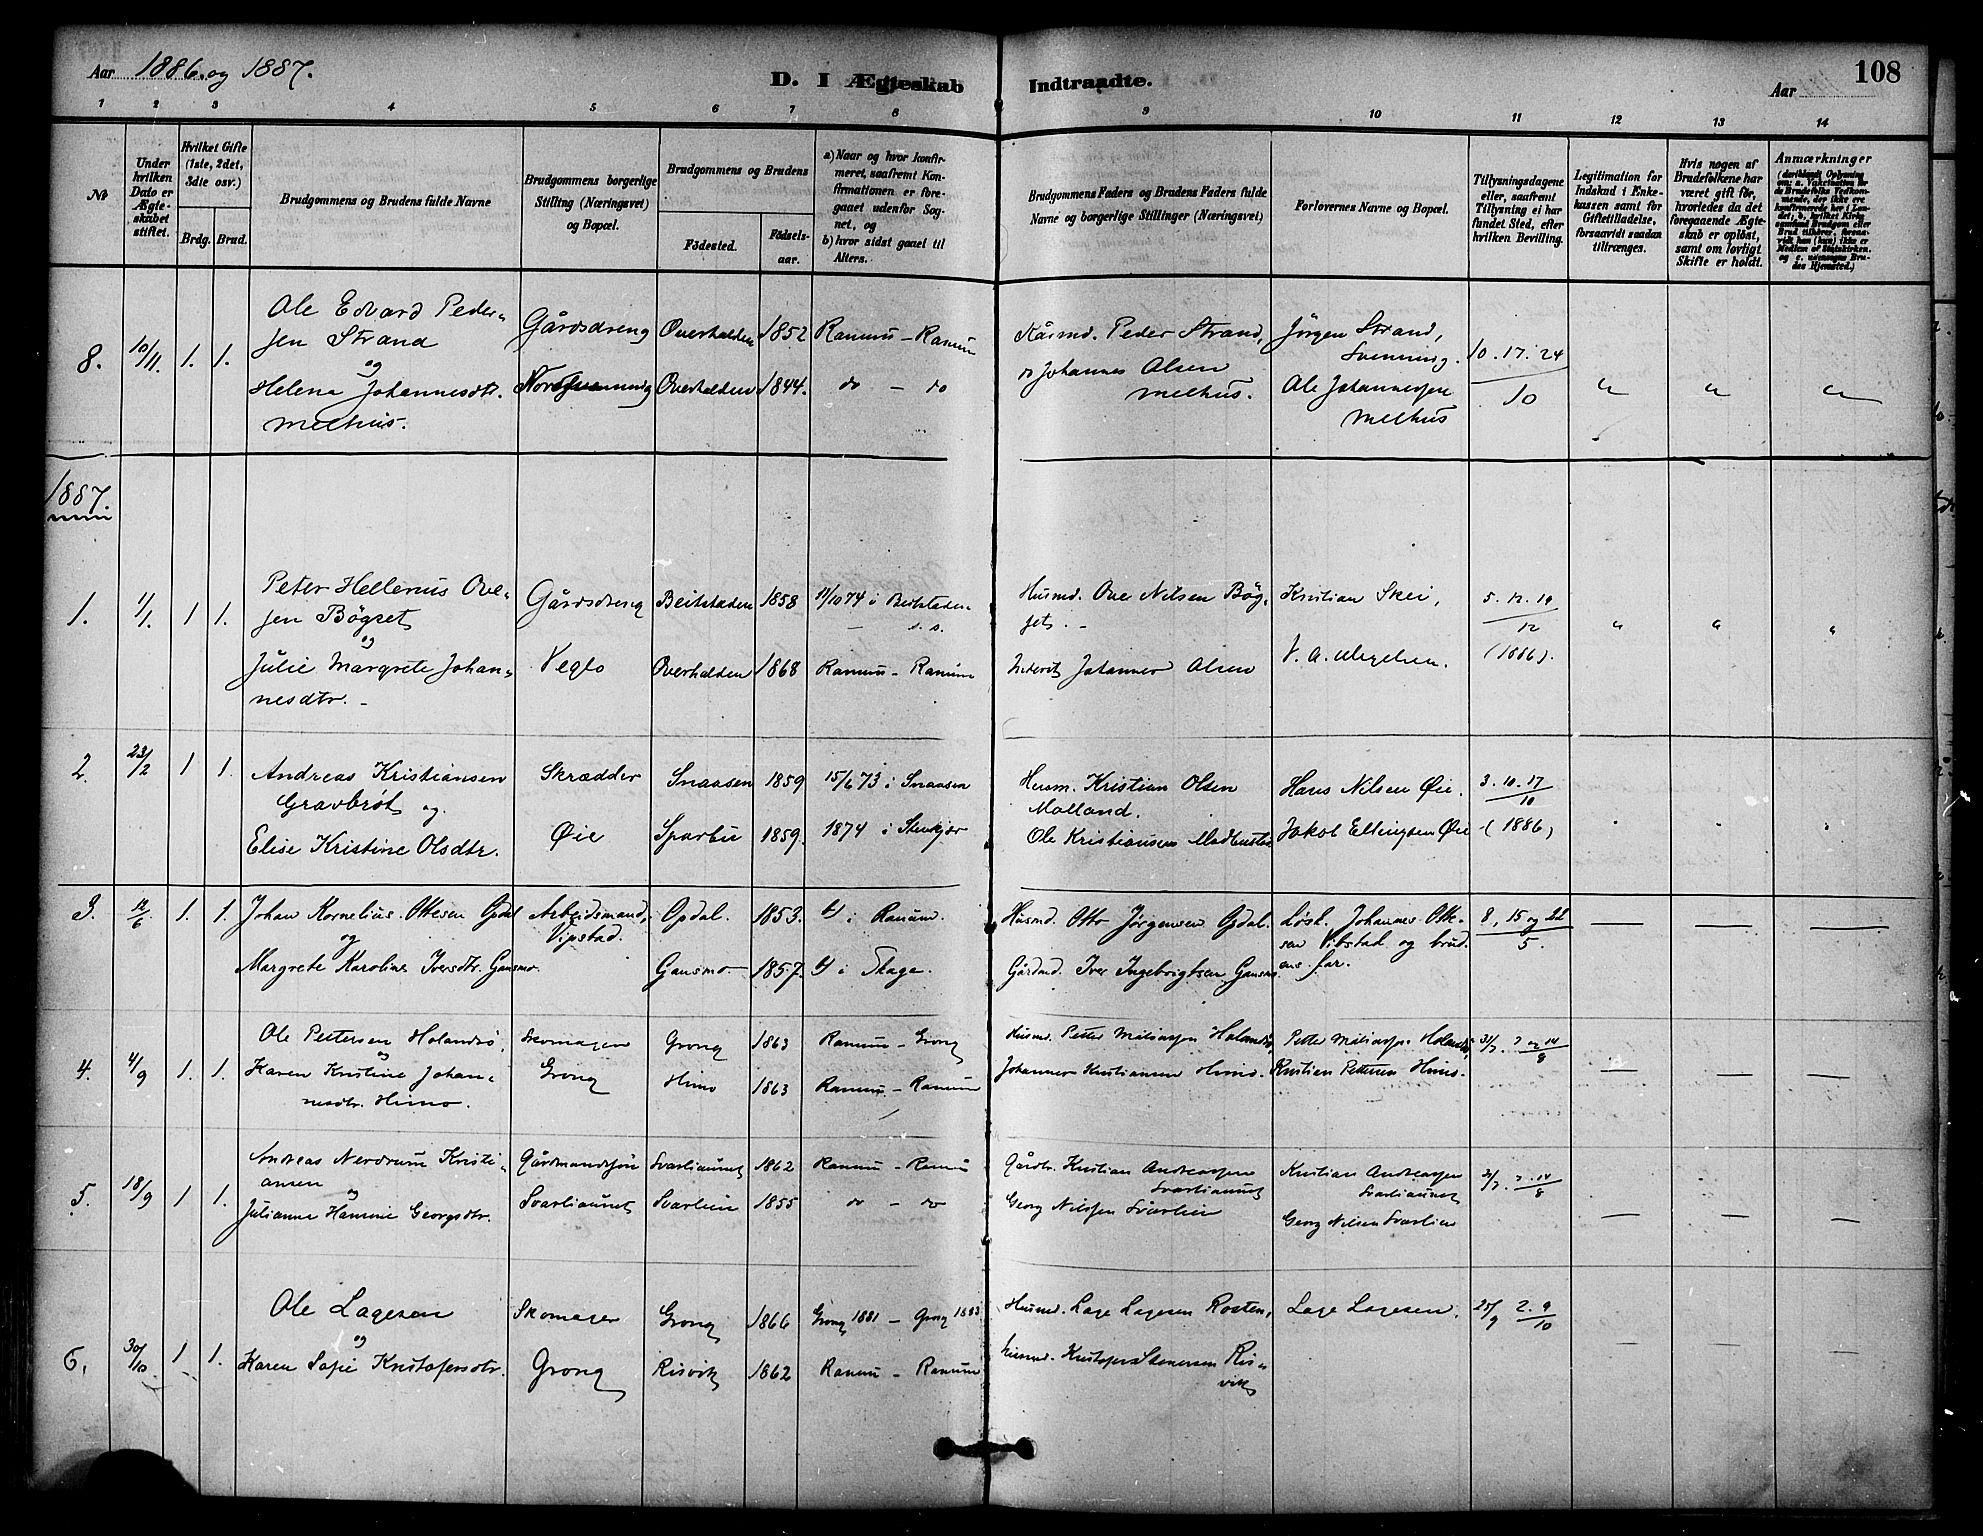 SAT, Ministerialprotokoller, klokkerbøker og fødselsregistre - Nord-Trøndelag, 764/L0555: Ministerialbok nr. 764A10, 1881-1896, s. 108